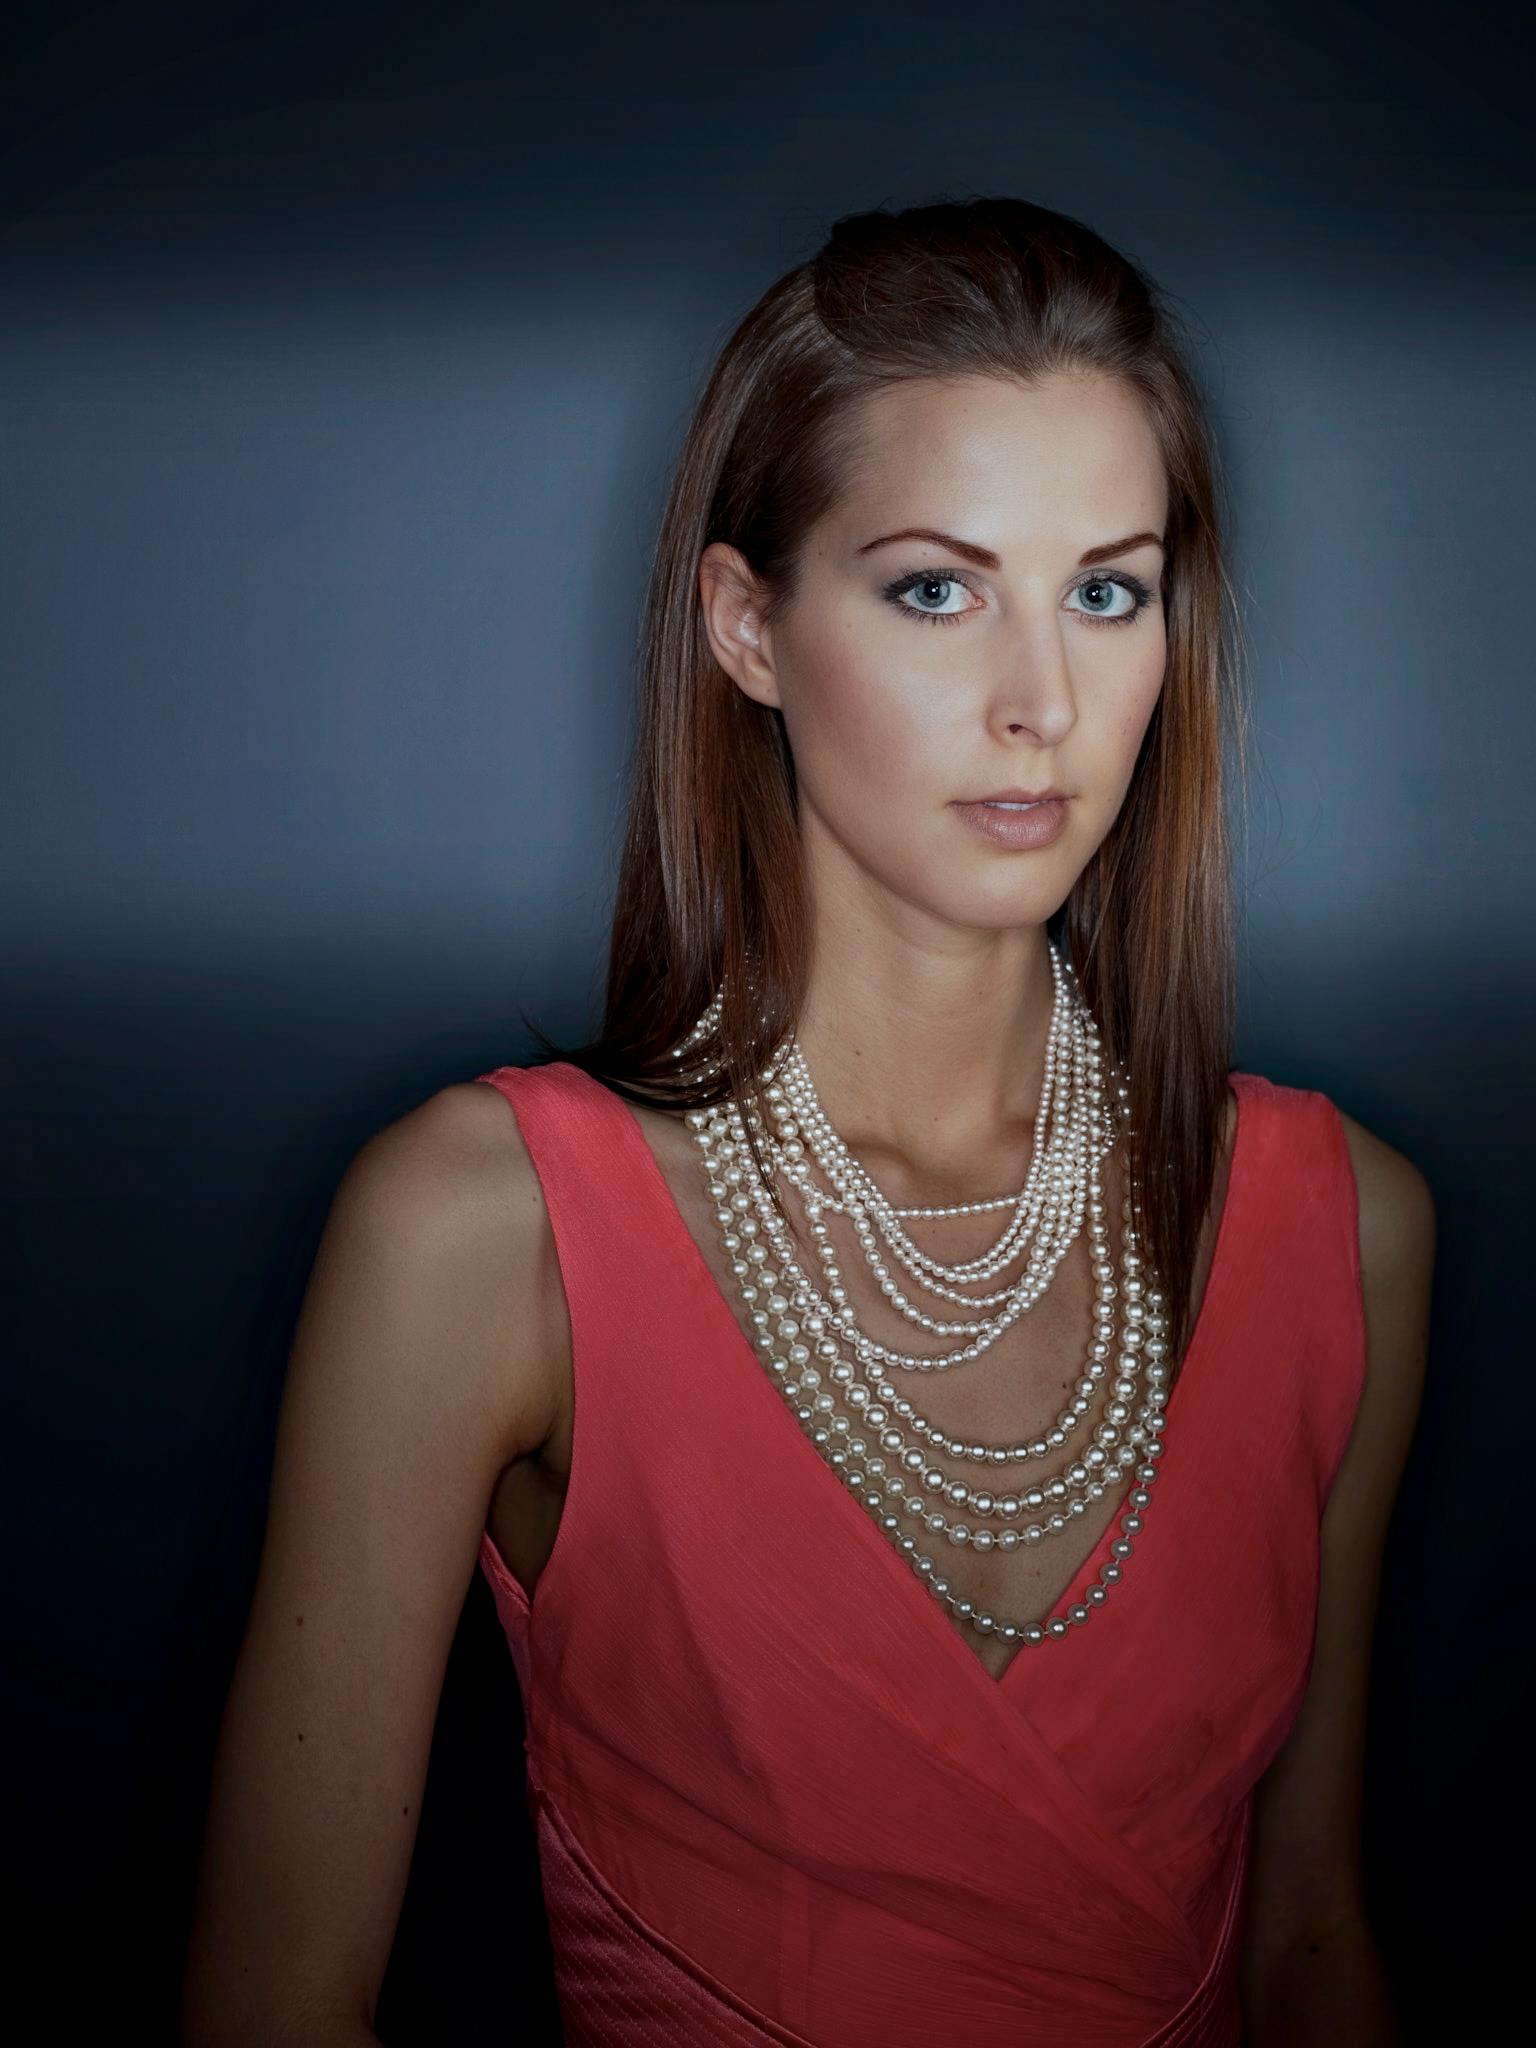 Jessica in dress w pearls.jpg